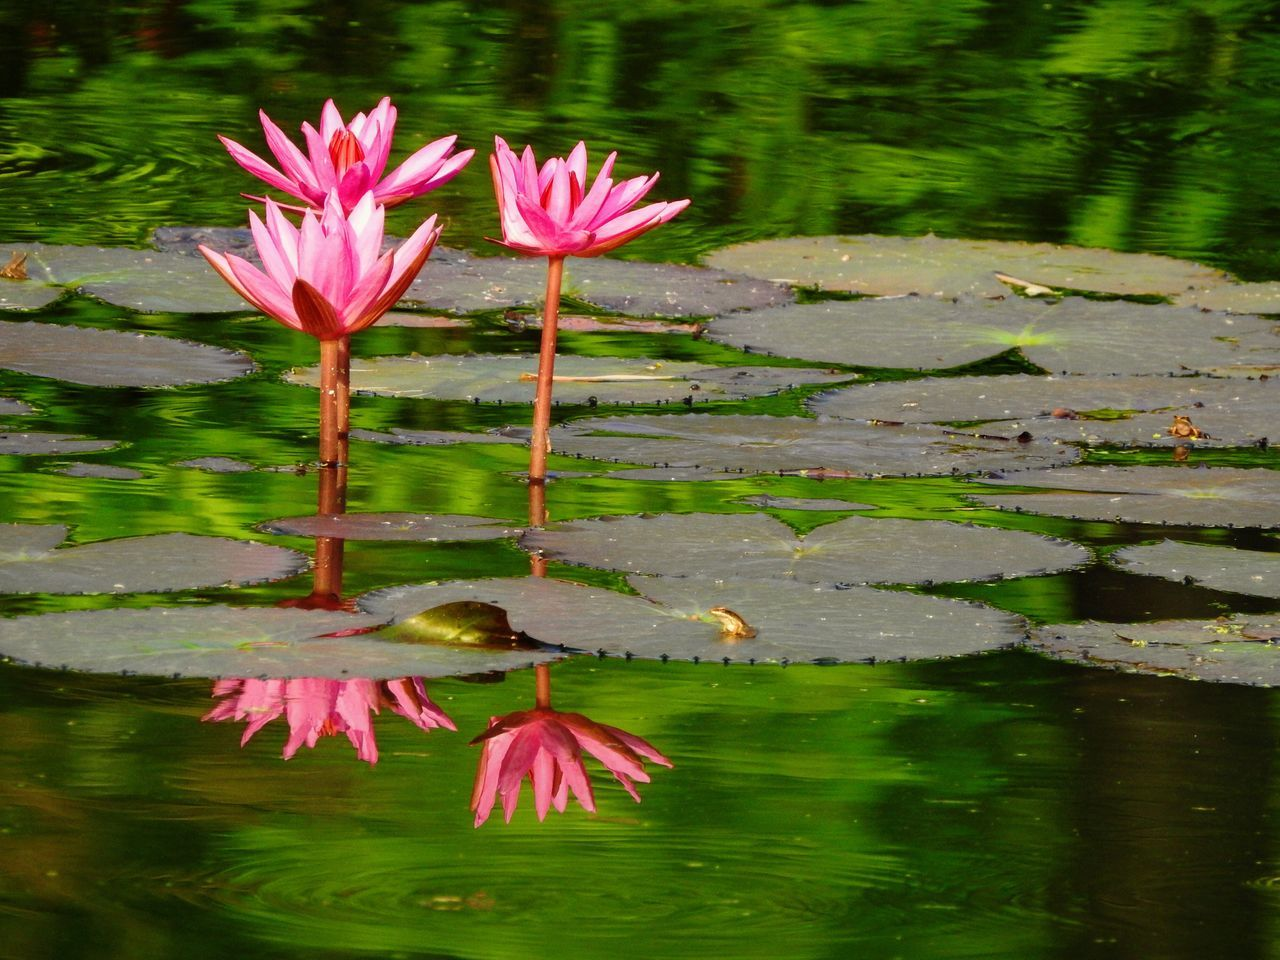 Lotus Blooming On Lake